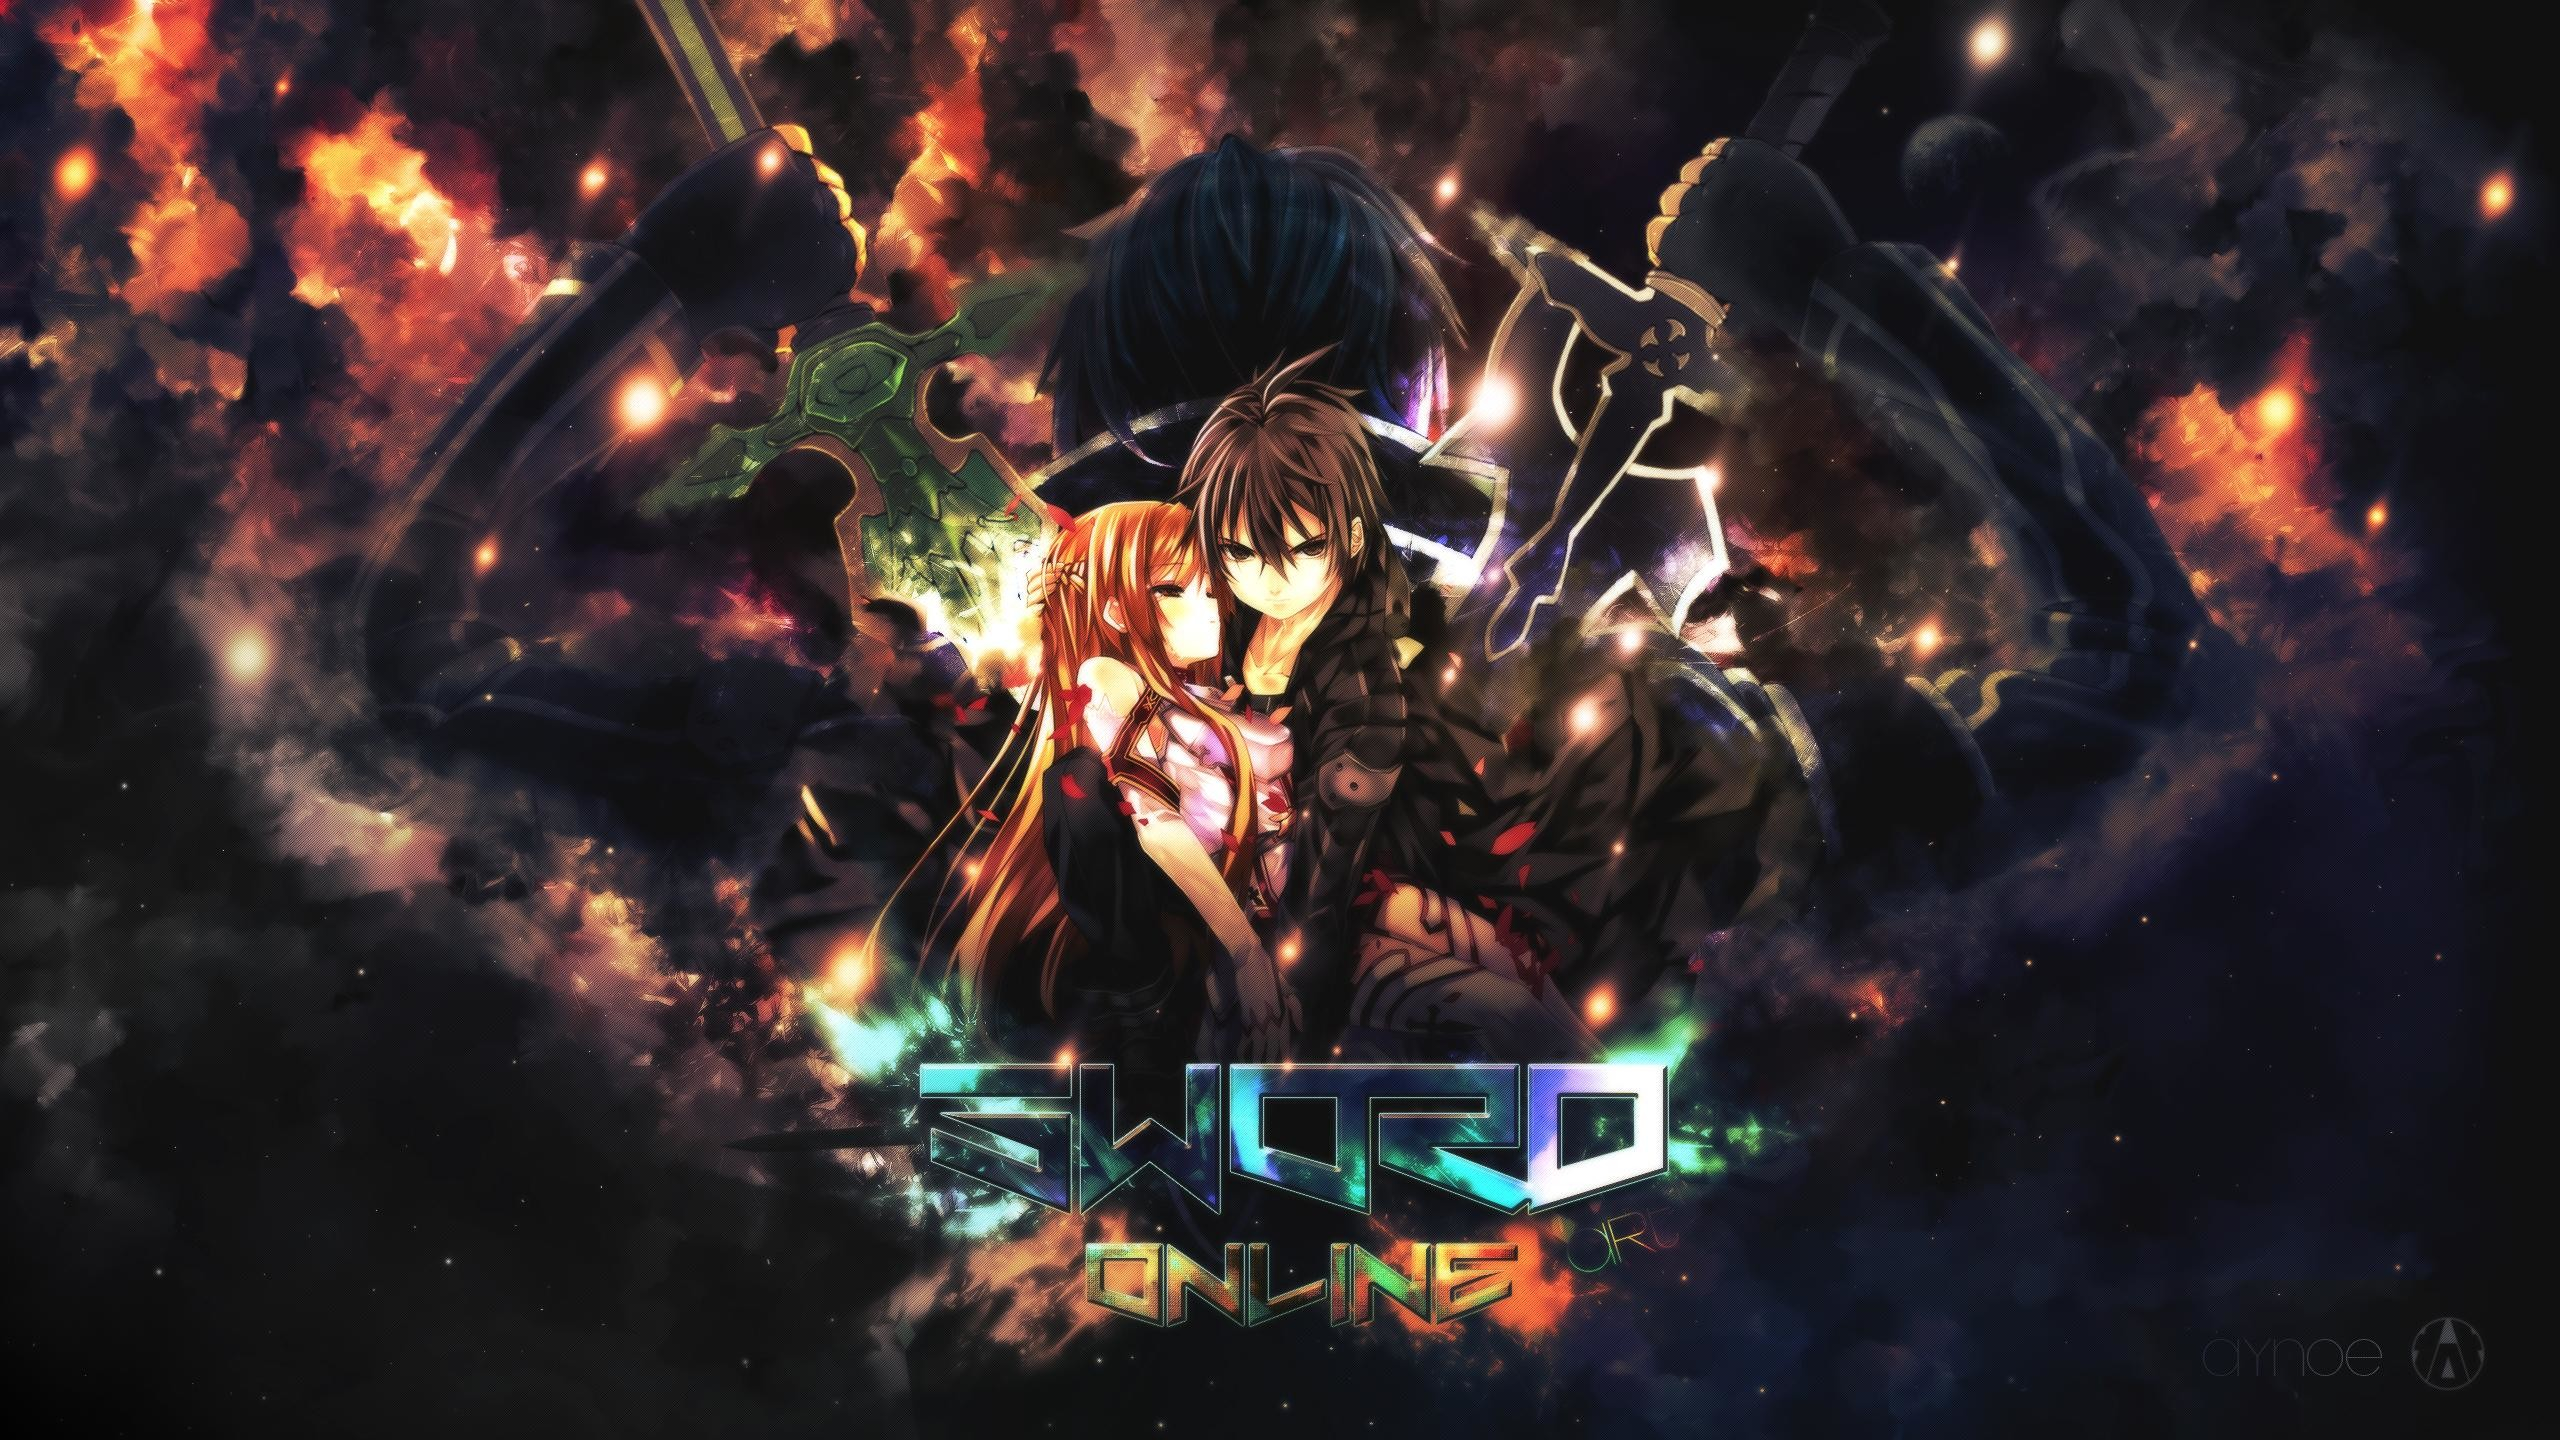 Sword Art Online Phone Wallpaper (71+ images)